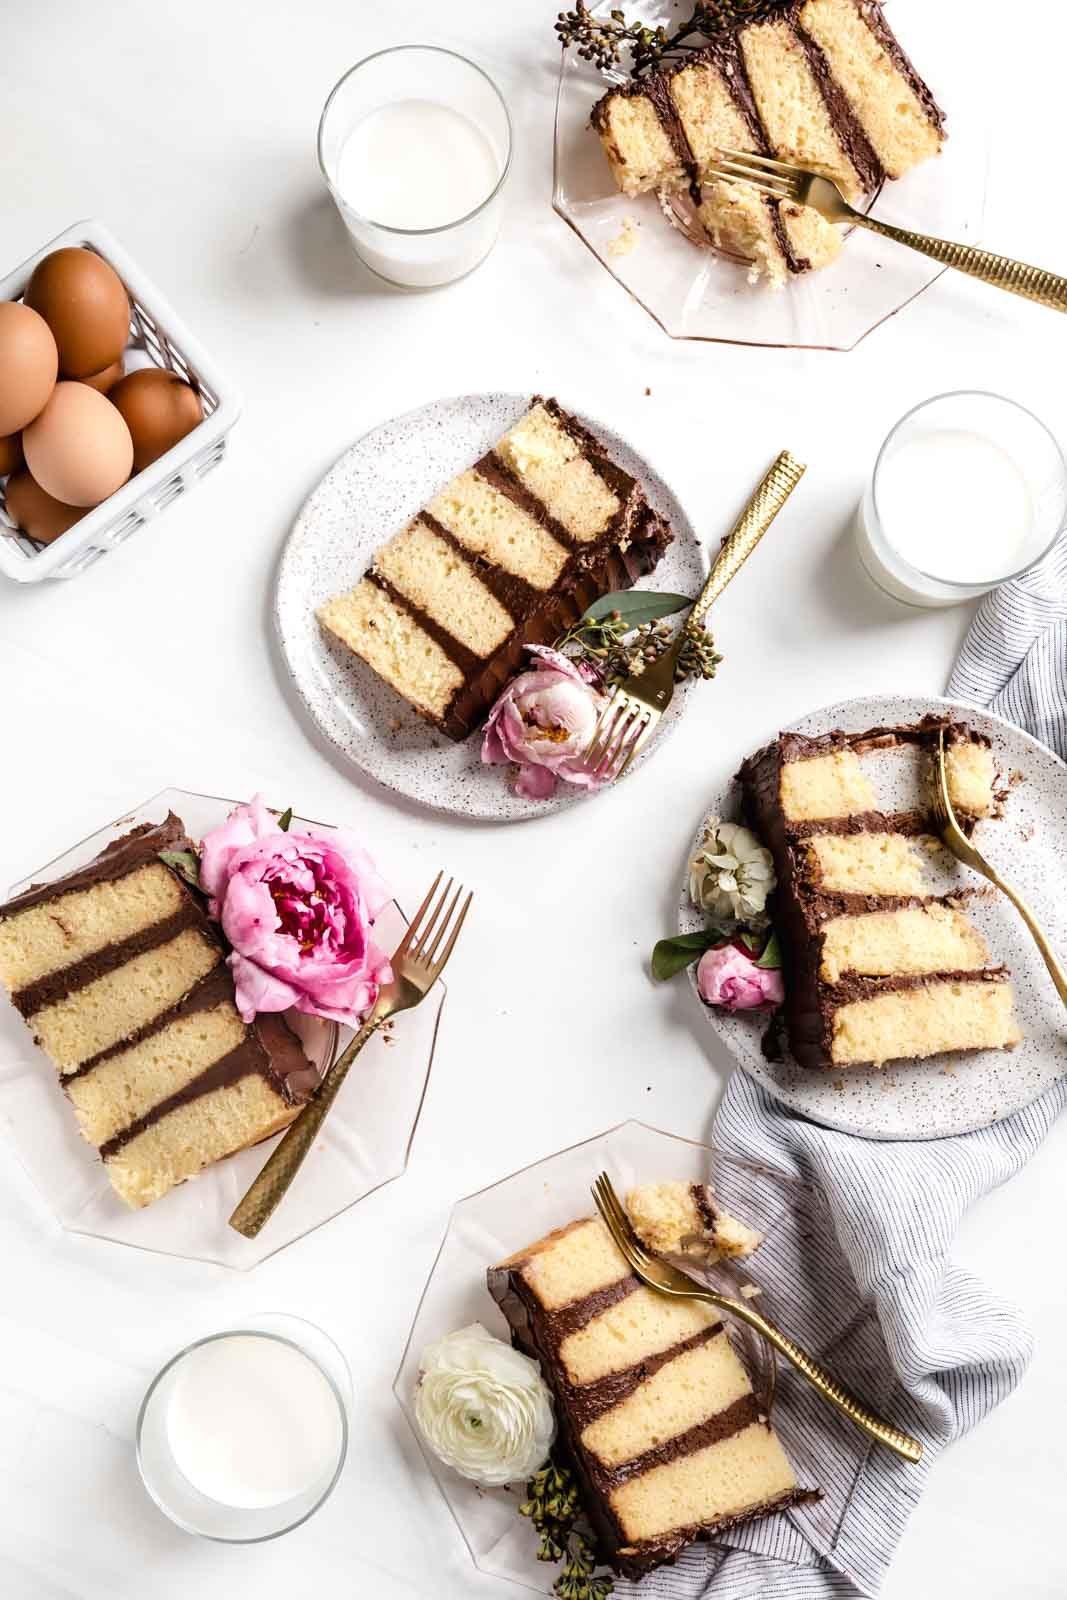 Bármelyik nap úgy érezheti magát, mint egy születésnap, az eddigi legjobb vaníliás süteménygel, csokoládéfagyival.  Ez a torta az ünnep!